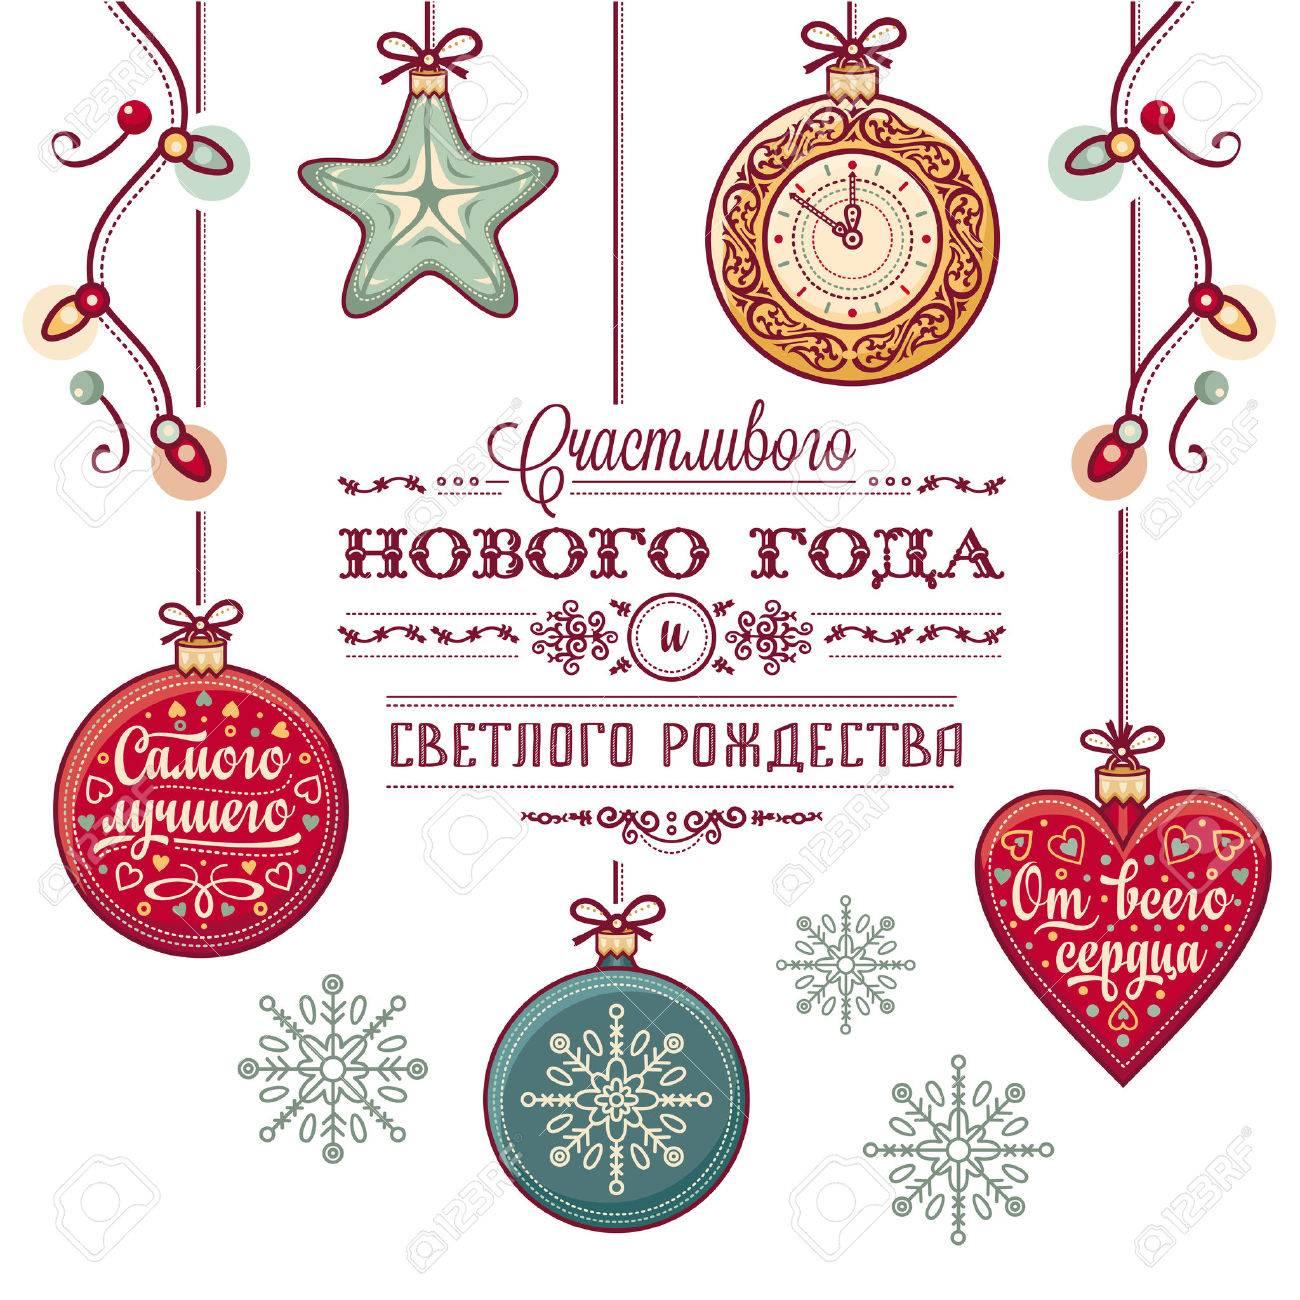 Russisch Frohe Weihnachten.Frohe Weihnachten Und Ein Gutes Neues Jahr Russisch